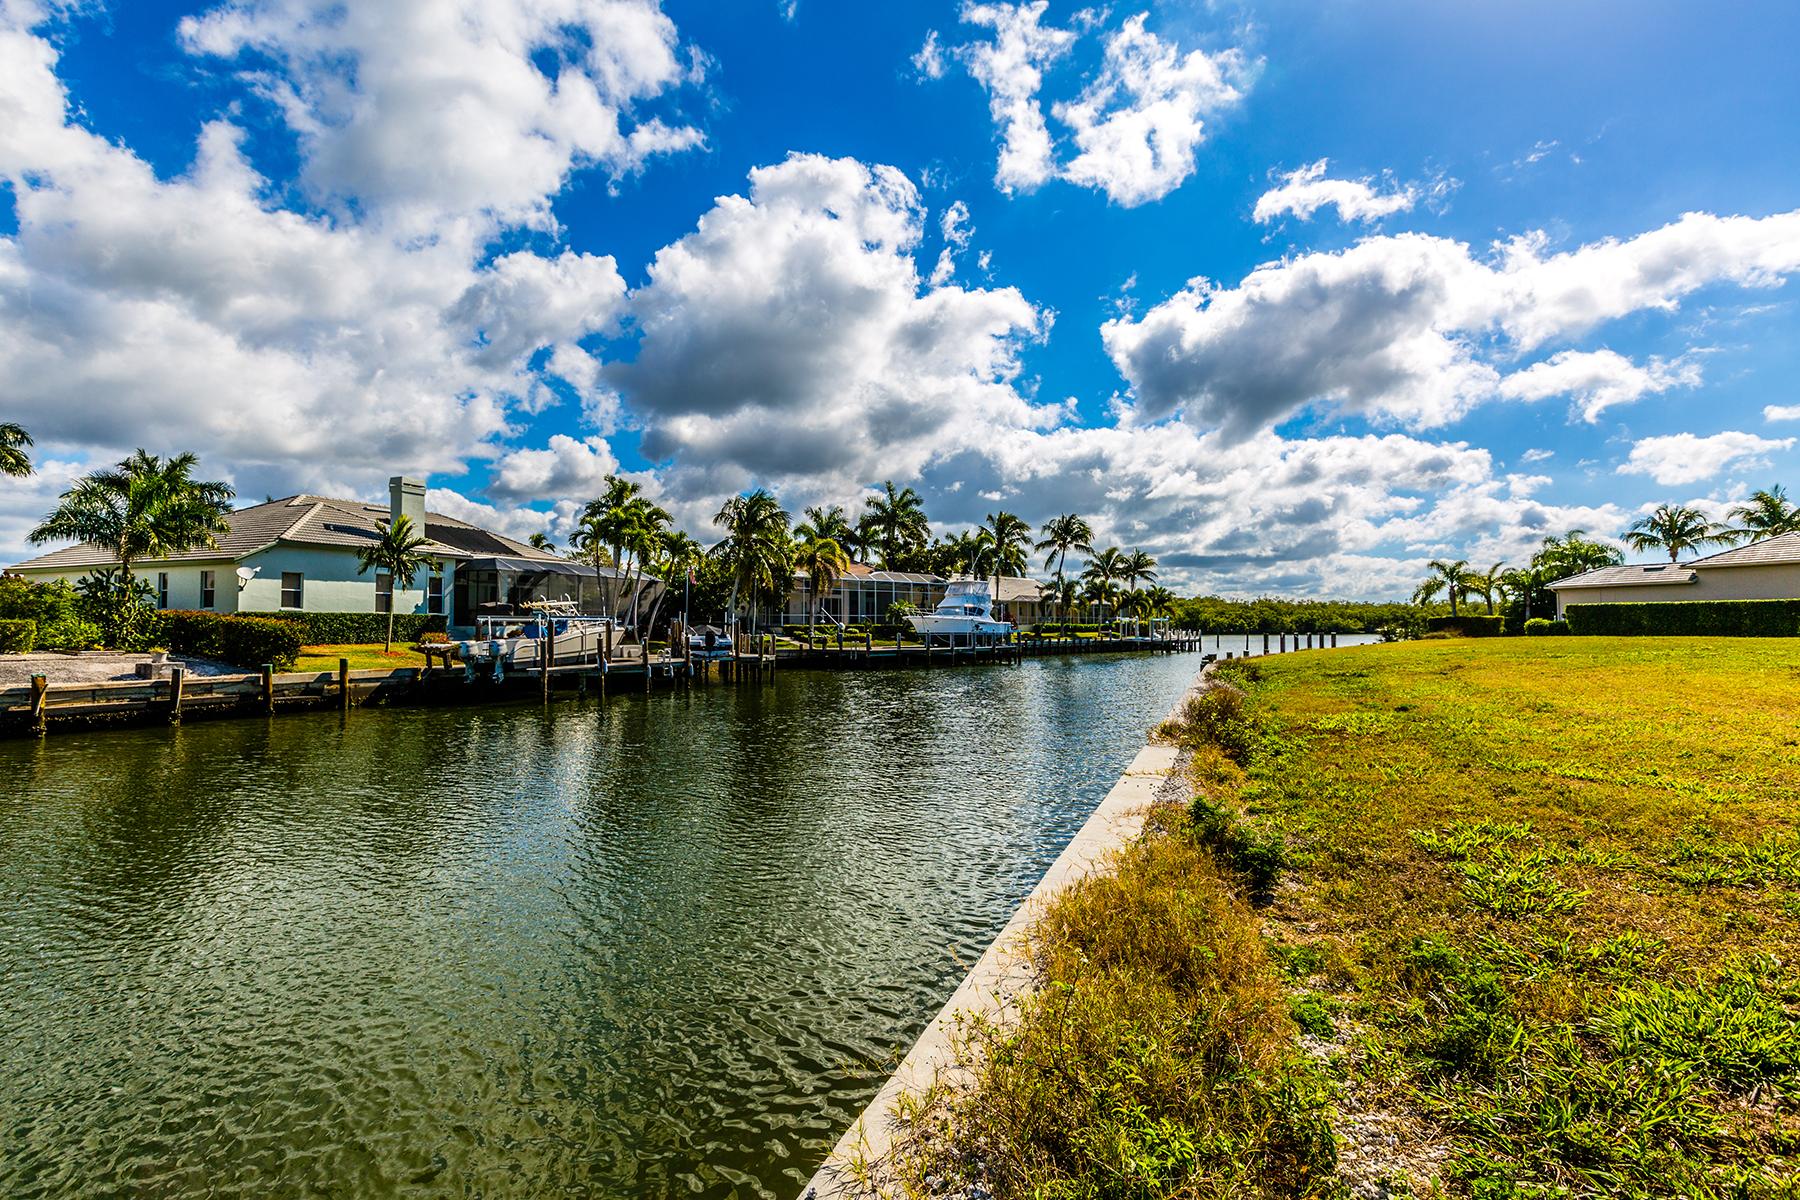 Terreno per Vendita alle ore MARCO ISLAND - HOLLYHOCK COURT 131 Hollyhock Ct Marco Island, Florida, 34145 Stati Uniti